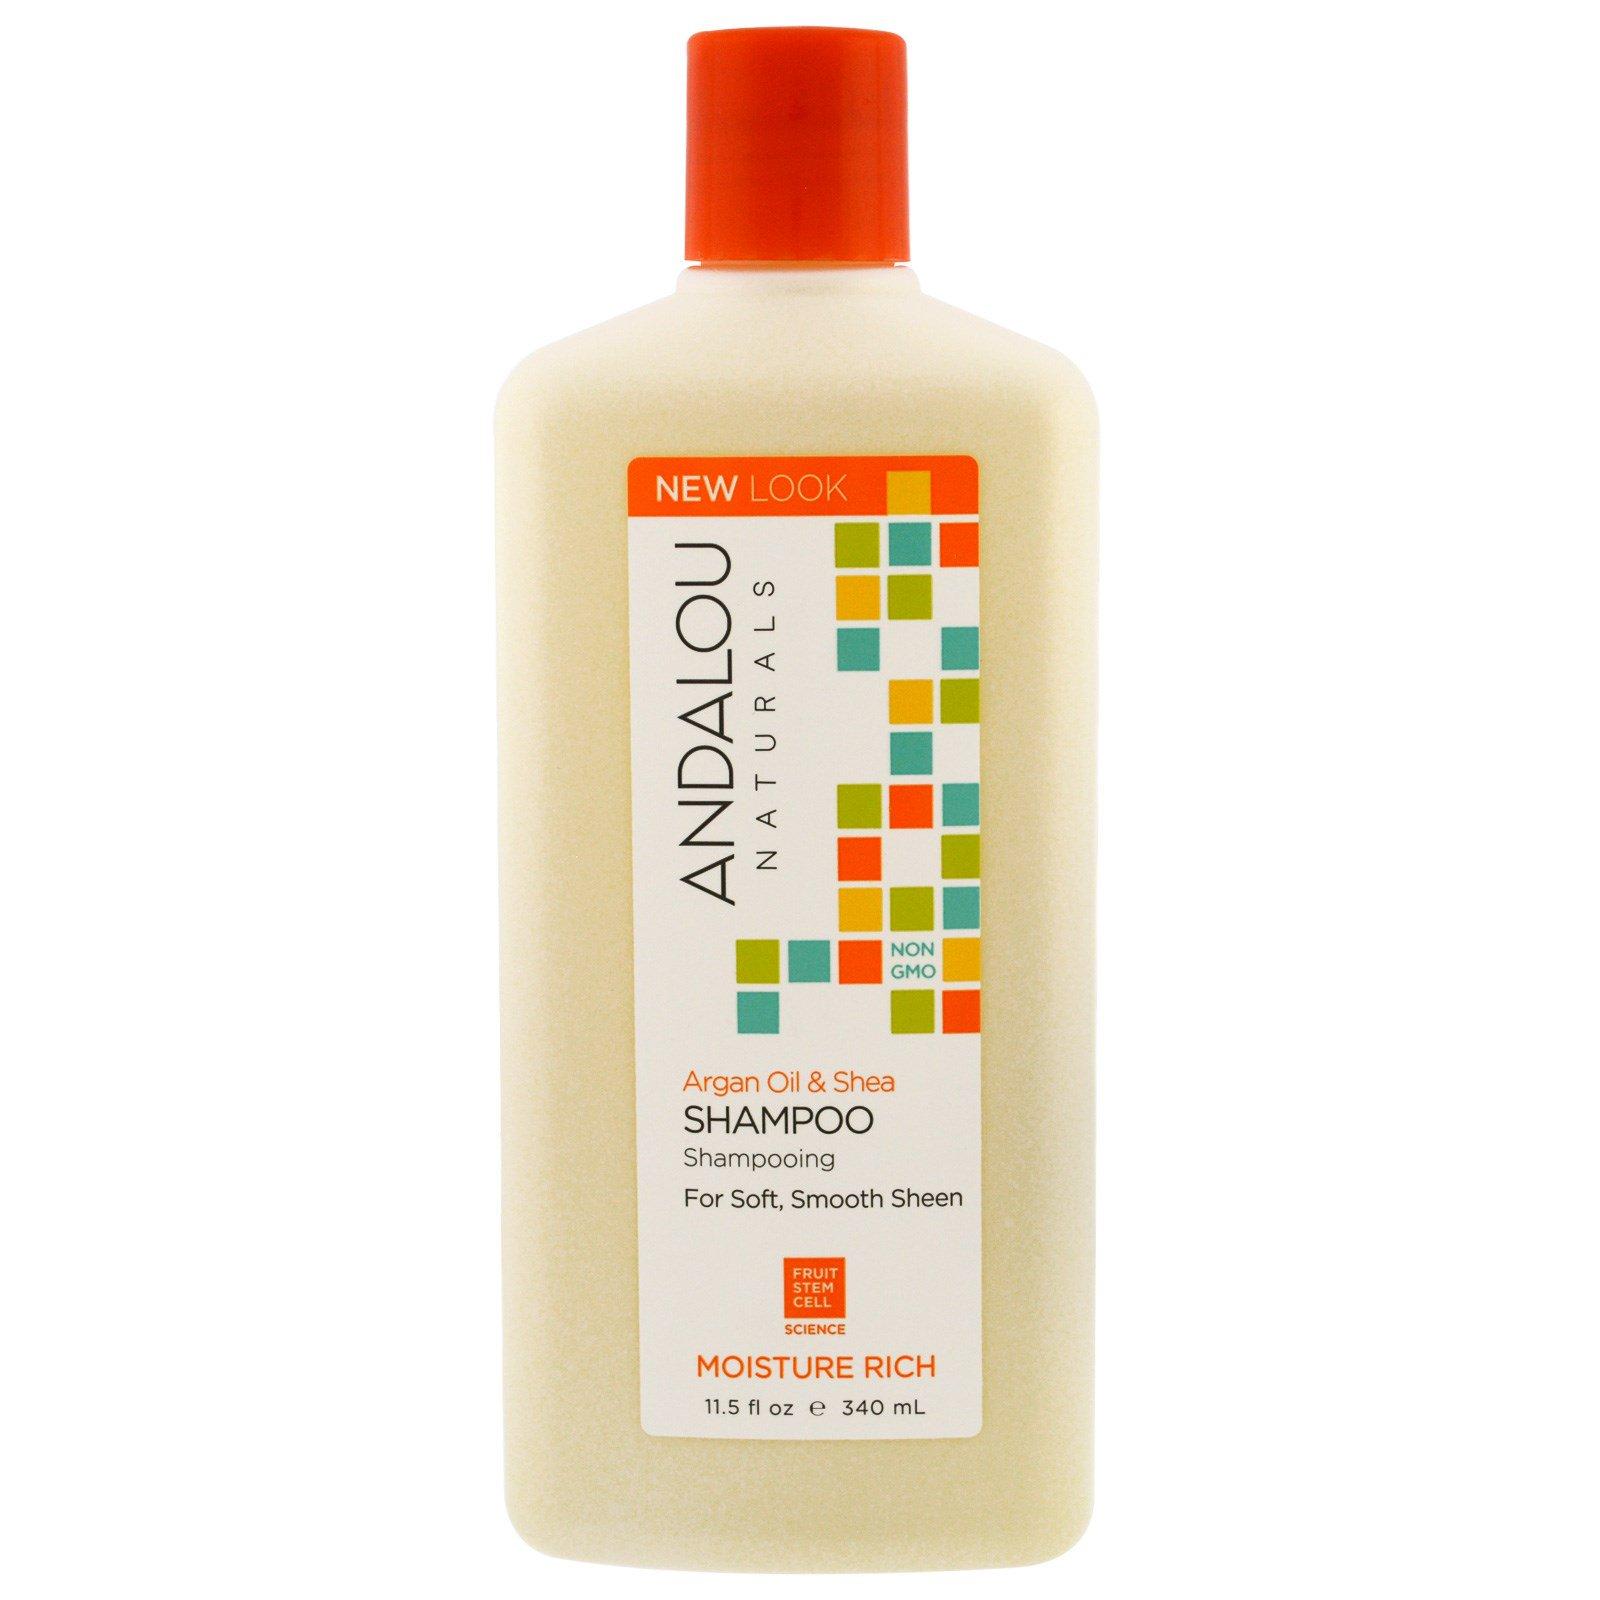 Andalou Naturals, Шампунь, для мягкого, гладкого блеска, содержит много влаги, аргановое масло и ши, 11,5 жидк. унц. (340 мл)